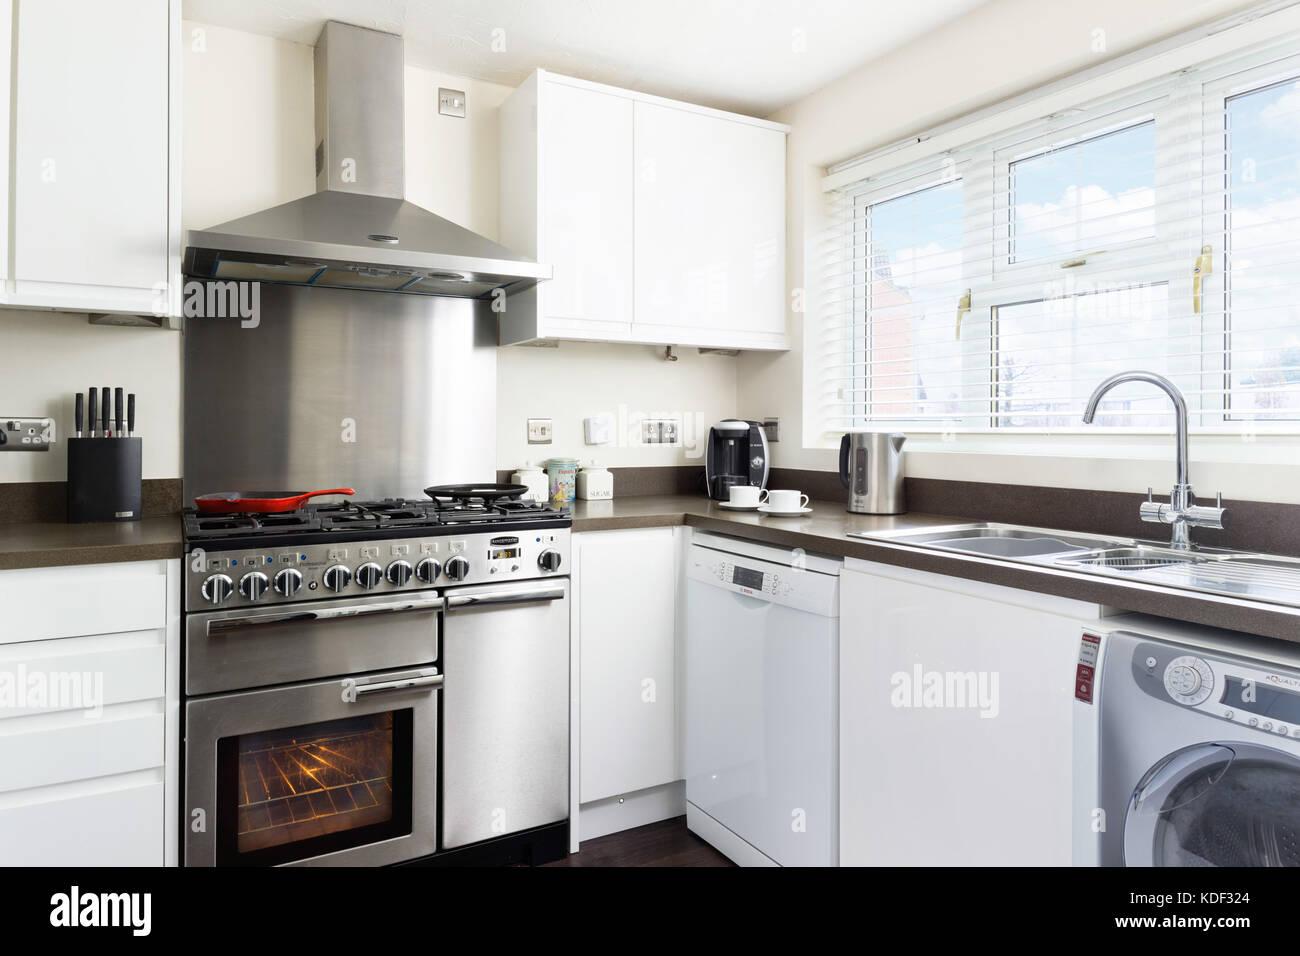 range cooker stock photos range cooker stock images alamy. Black Bedroom Furniture Sets. Home Design Ideas